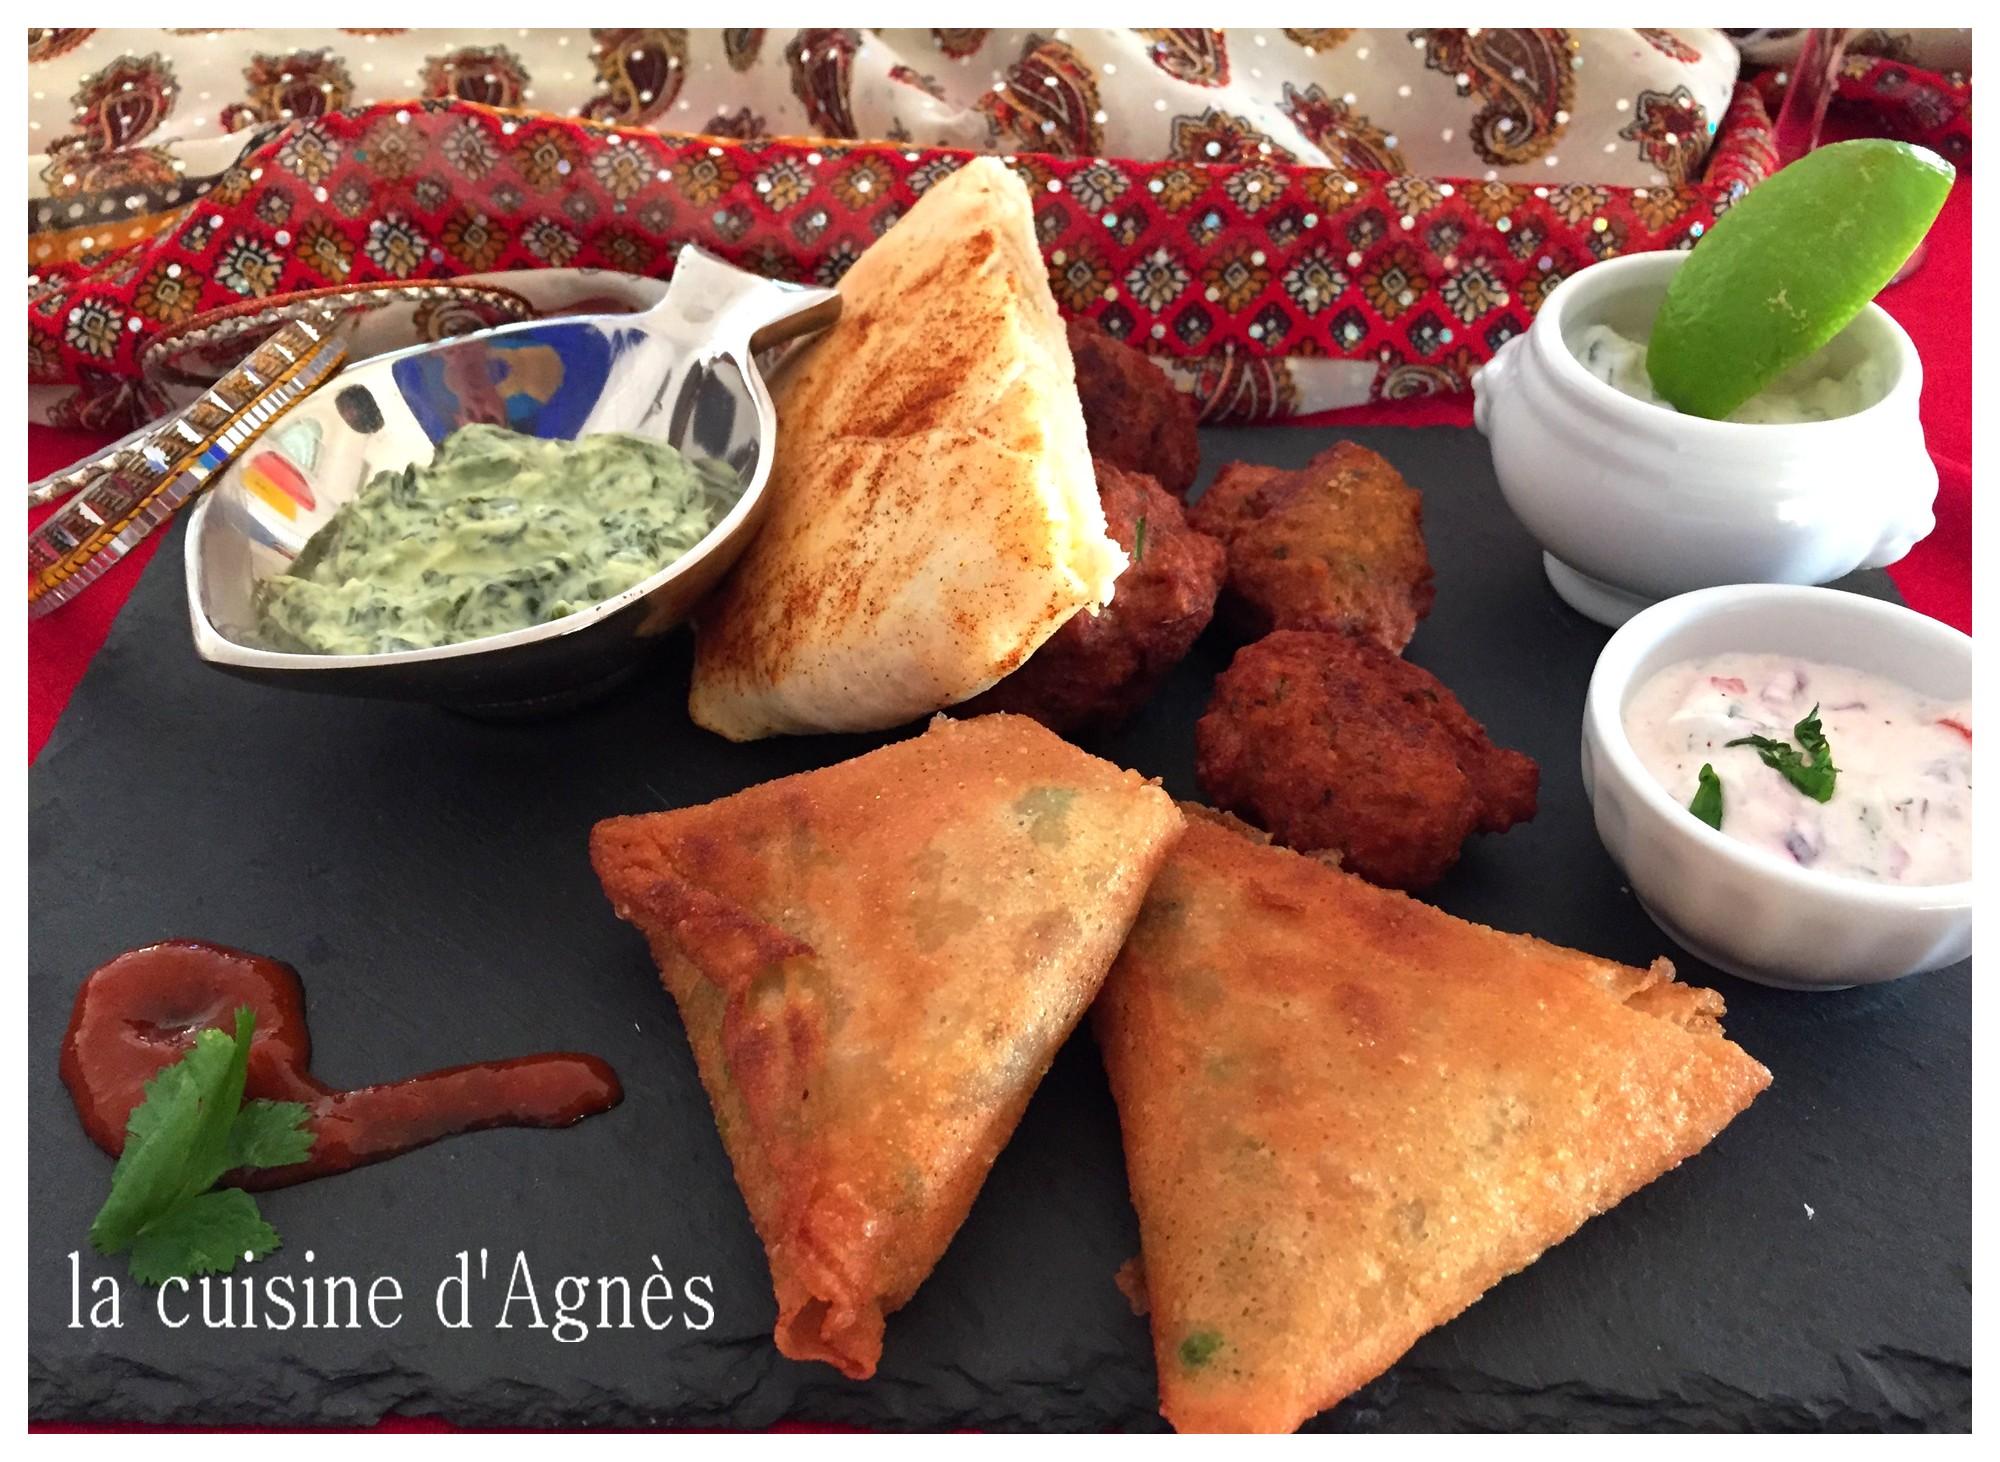 plateau indien : naan au fromage - masala vadai (beignets de lentilles épicées) - raita aux épinard/concombre/menthe  tomate/gingembre - samossa végétariens (brick)